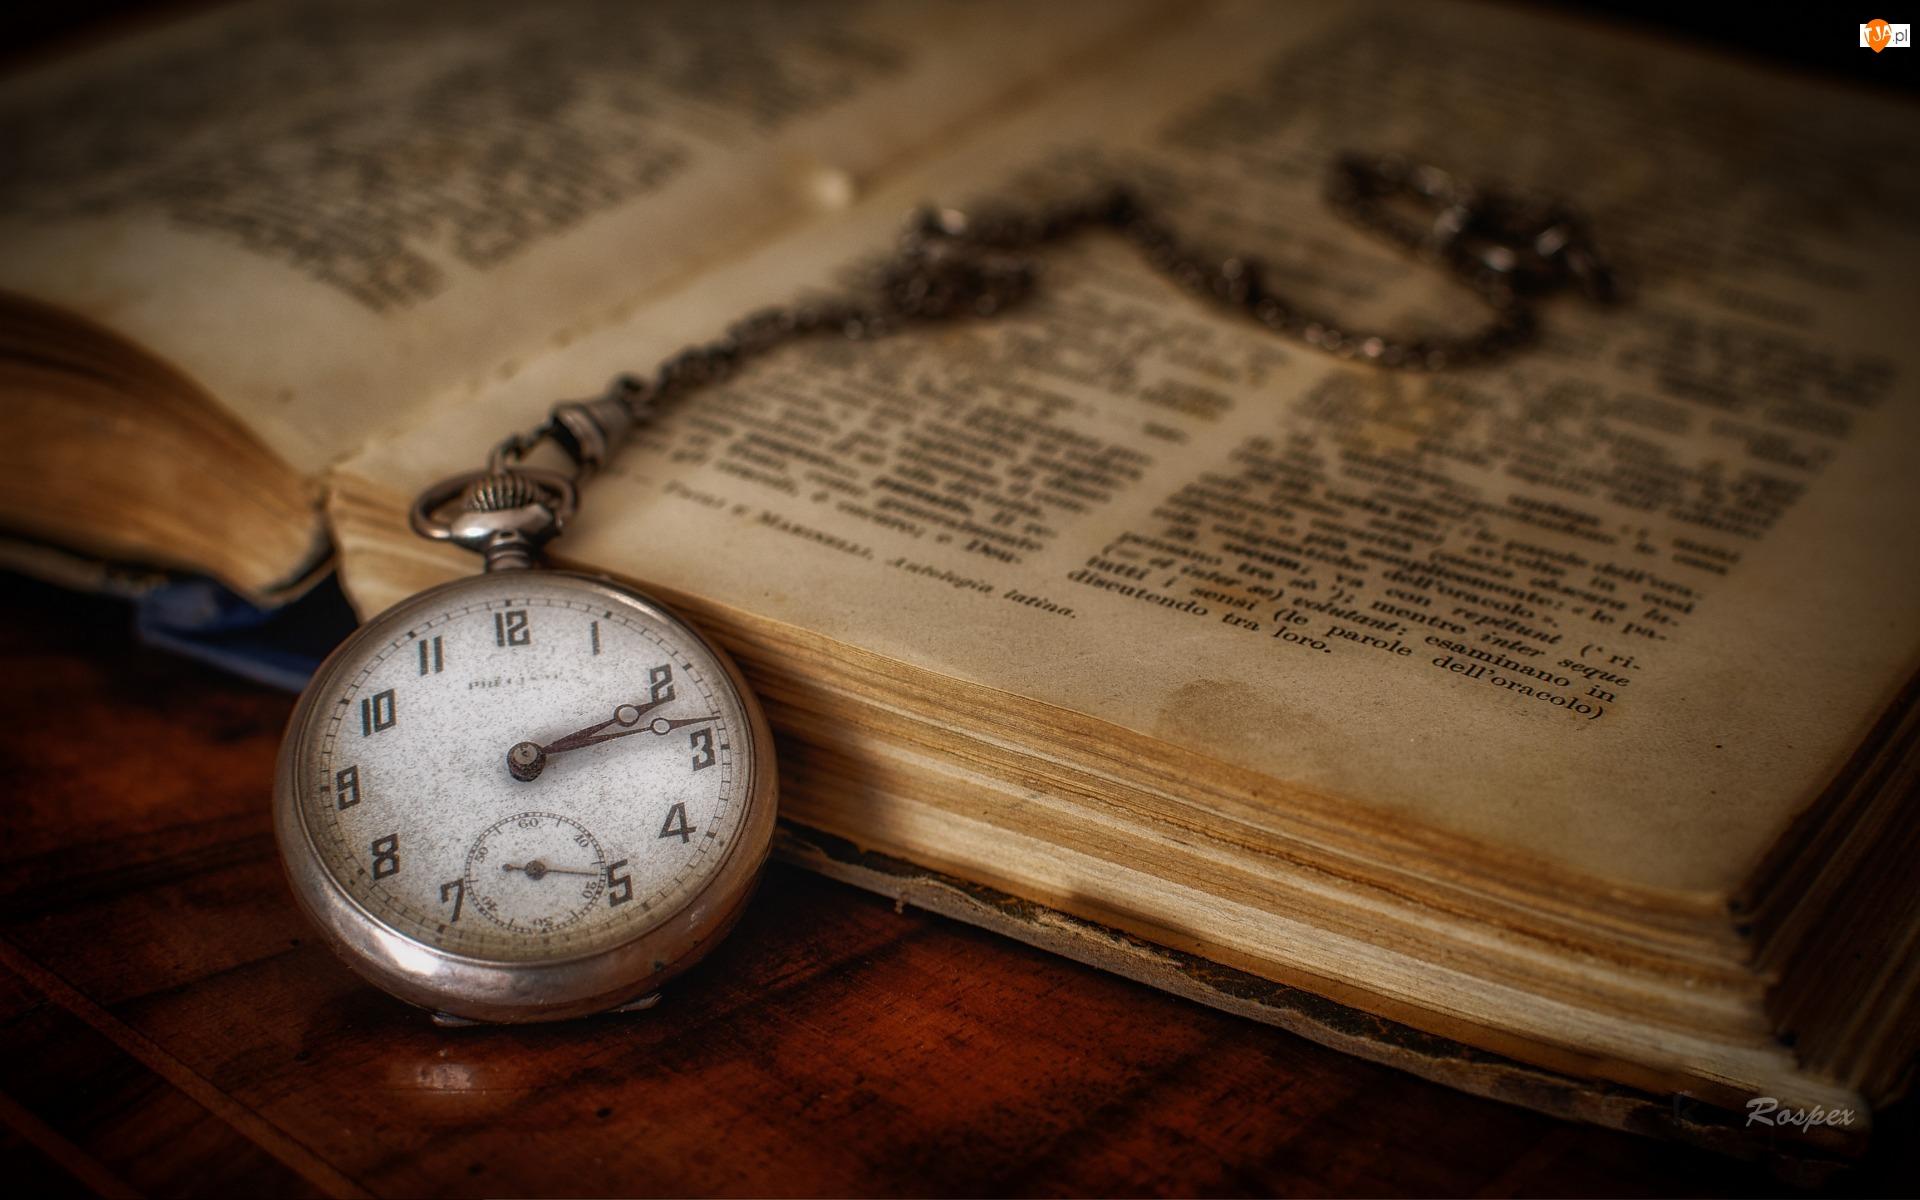 Książka, Kieszonkowy, Zegarek